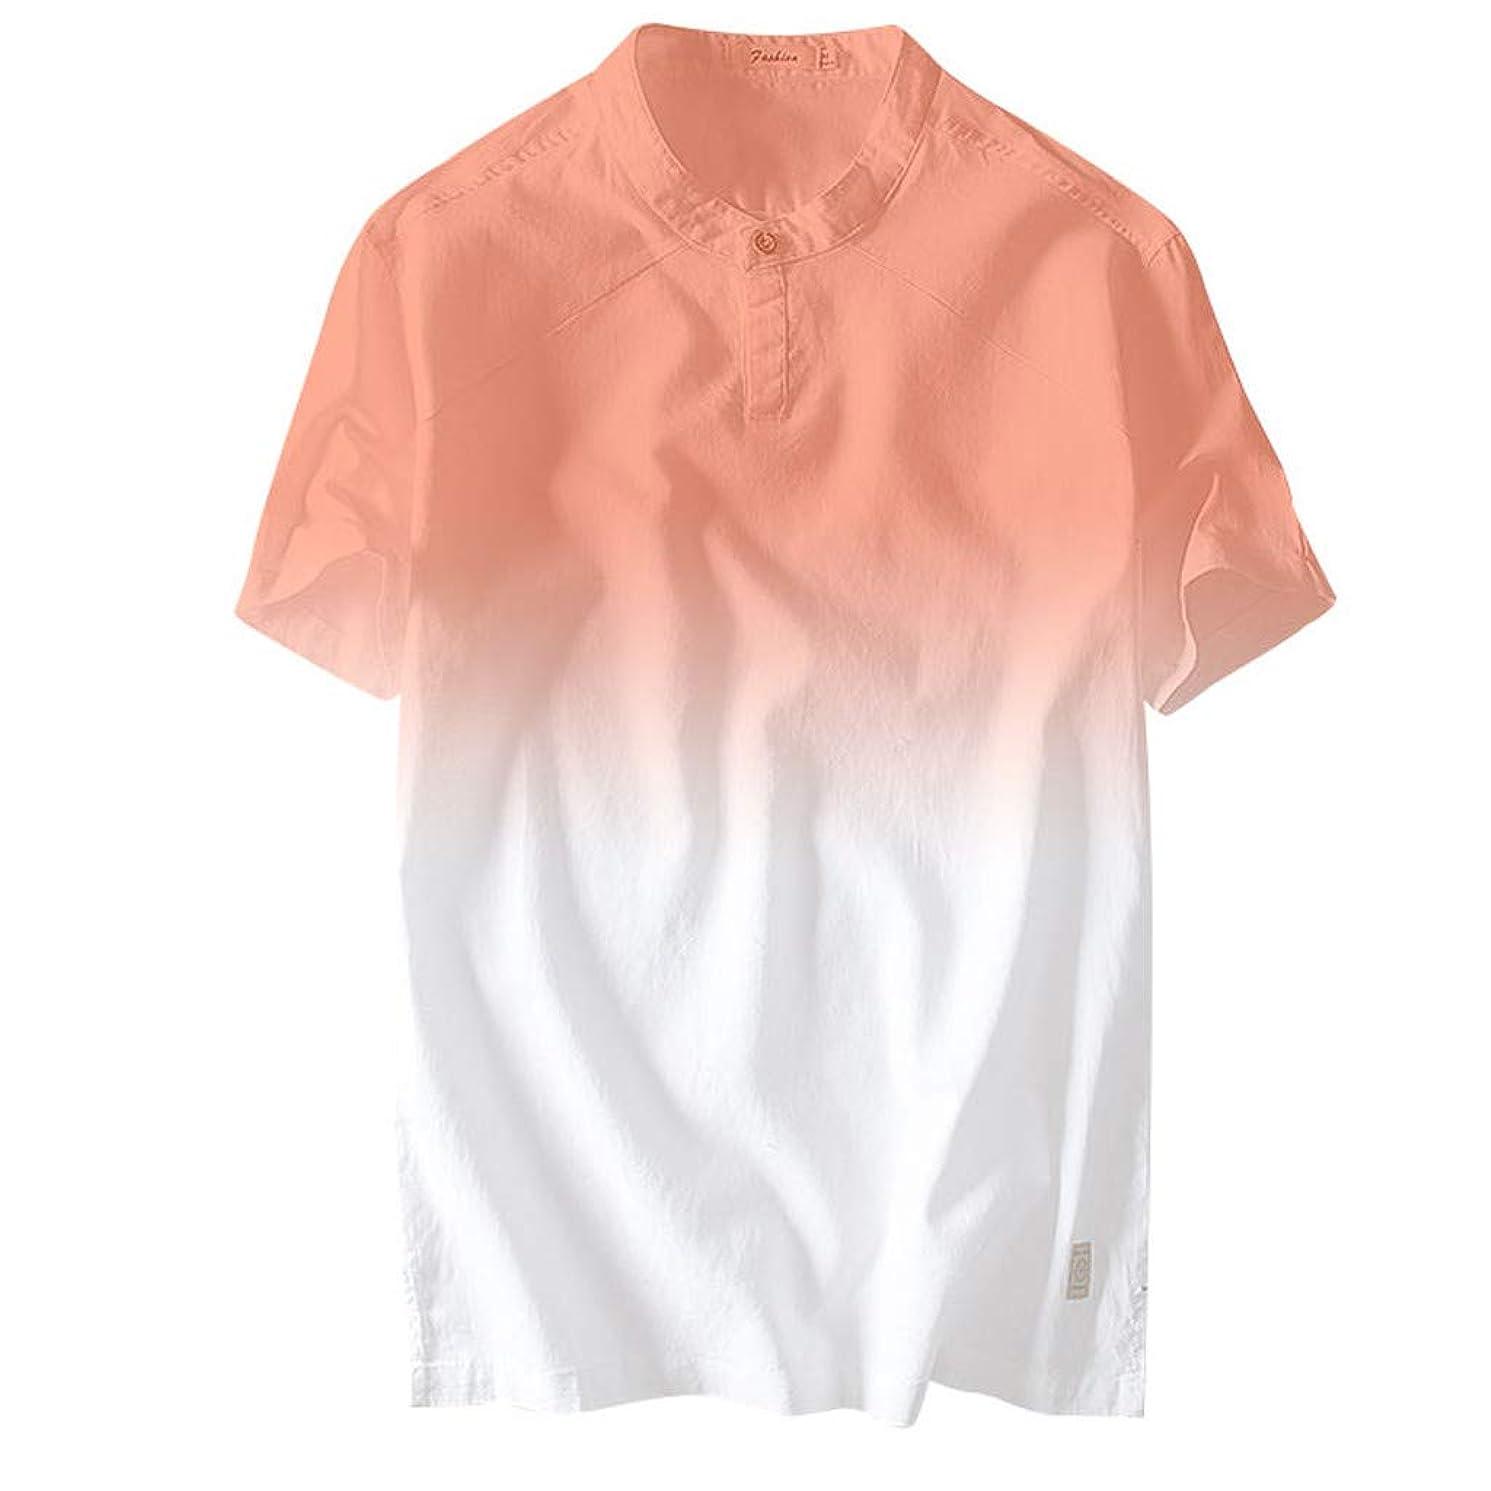 2019 New JJLIKER Mens Gradient Henley Shirt Casual Slim Fit Short Sleeve T-Shirt Cotton Linen Shirts Summer Fashion Tops